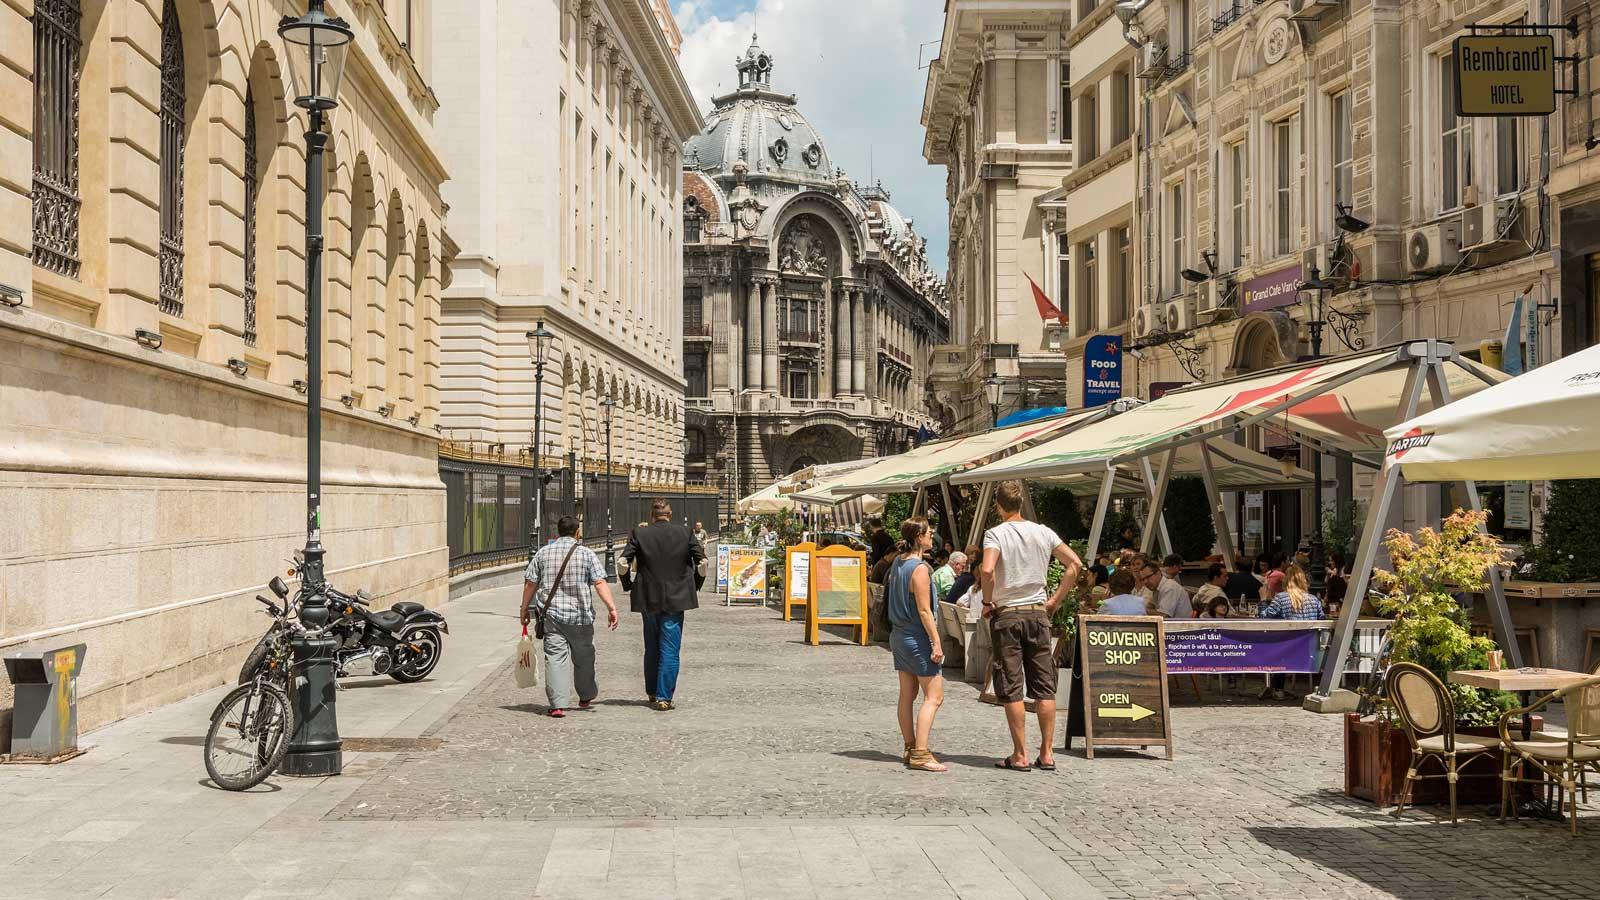 Prognoza meteo pentru București anunță o zi călduroasă și însorită. Nu putem spune însă același lucru și despre zilele următoare însă, potrivit ANM